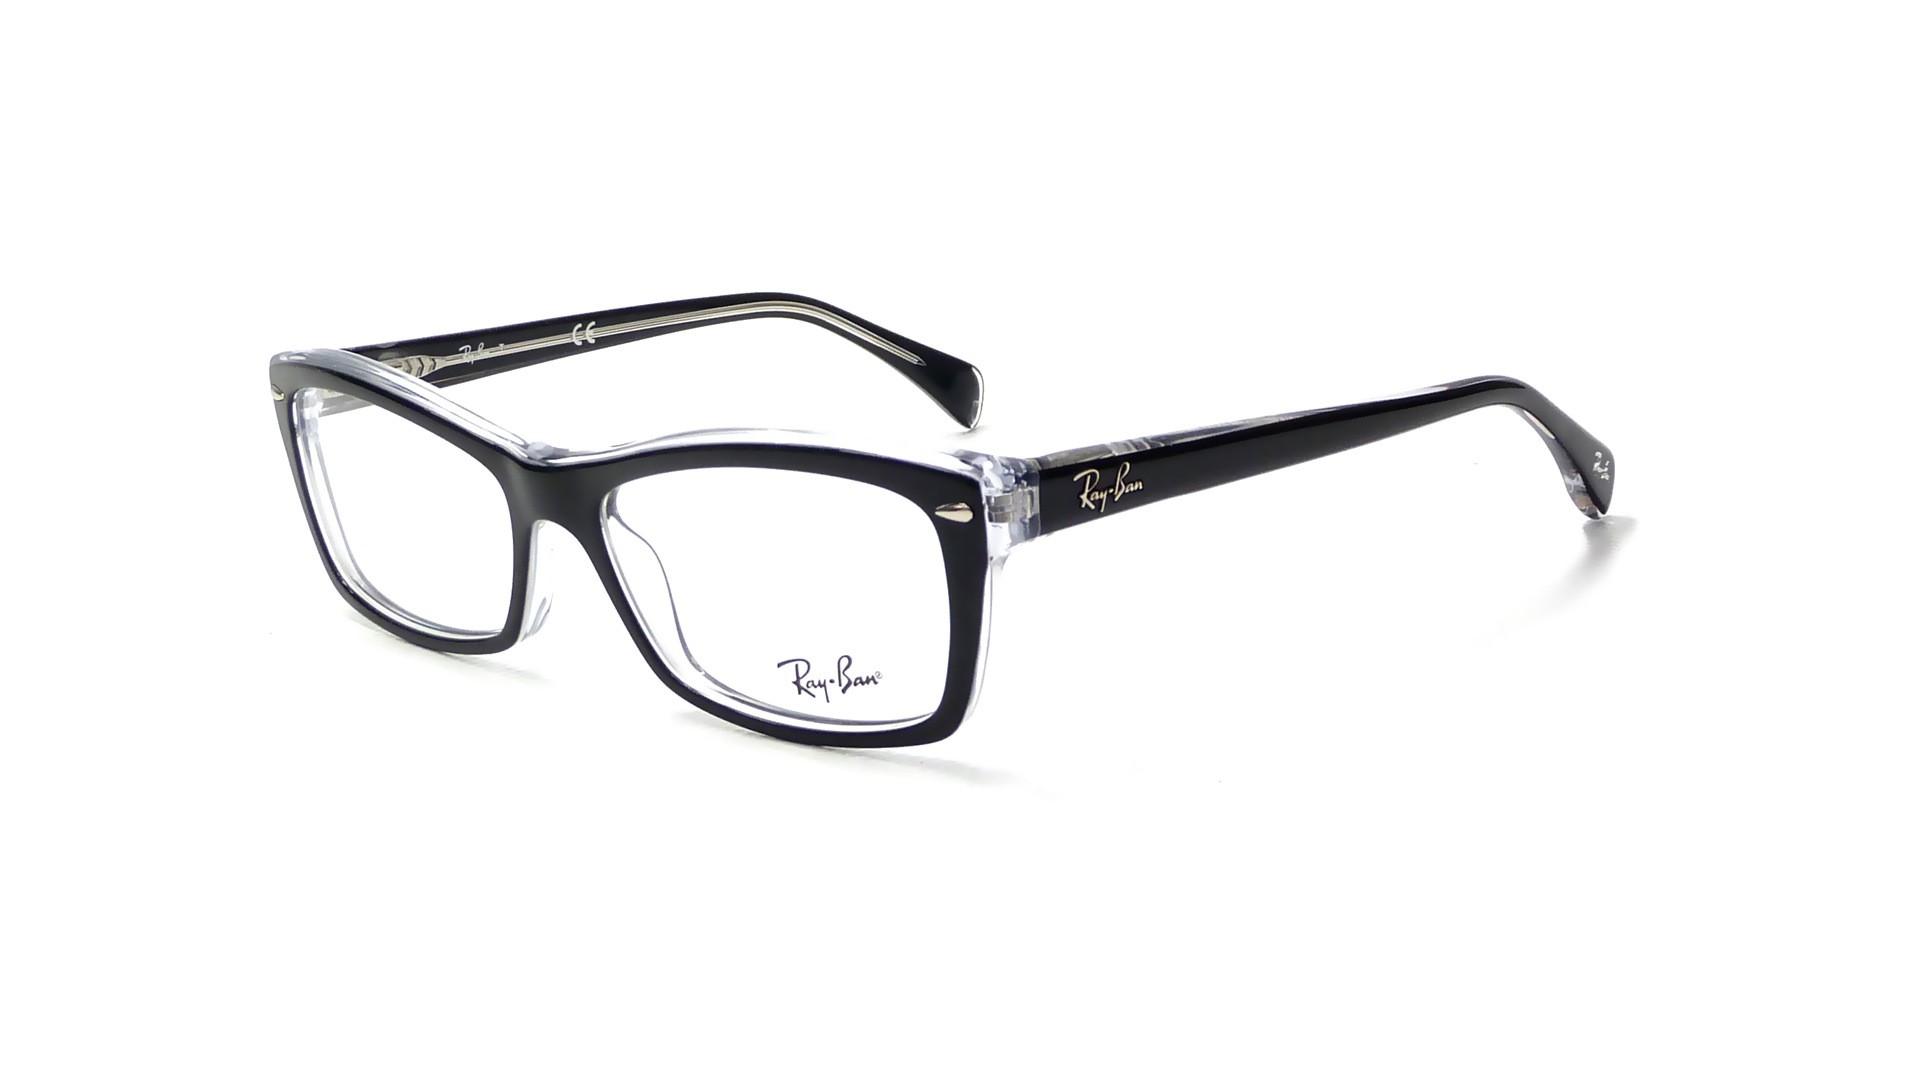 Lunettes de vue Ray-Ban RX5255 RB5255 2034 53-16 Noir   Prix 41,96 €    Visiofactory 38a0adc253fa